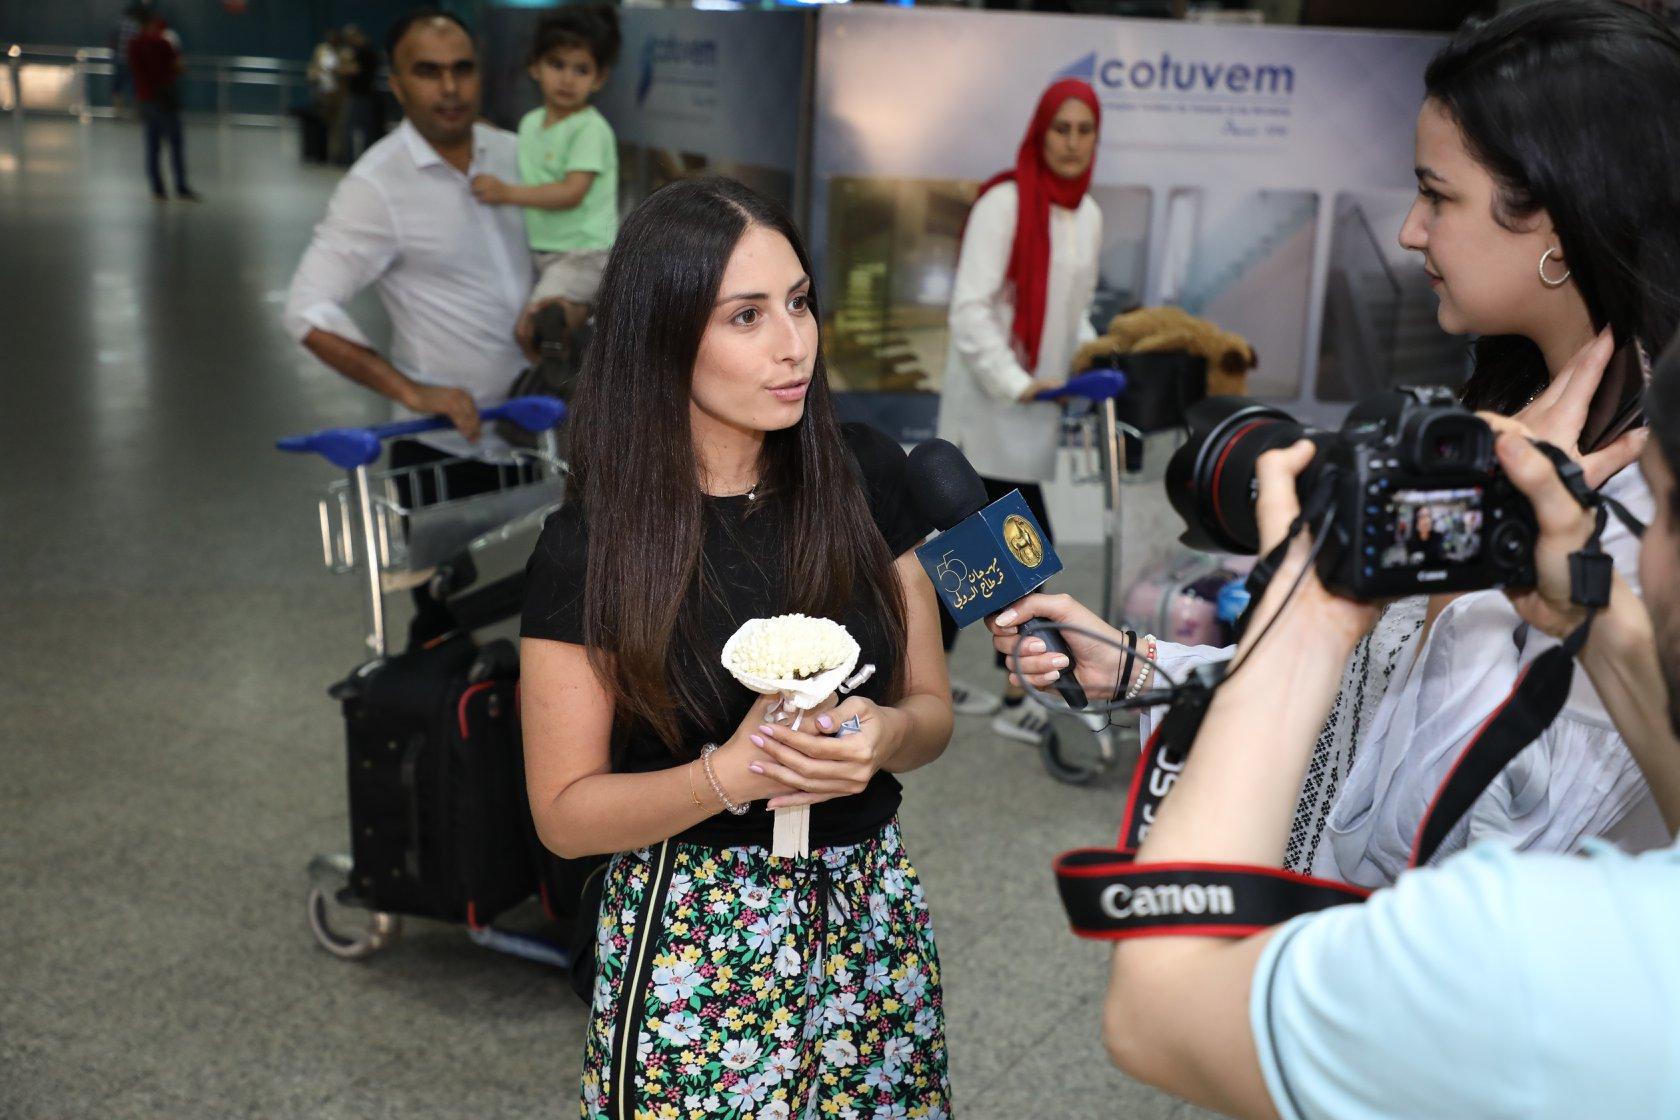 هبة طوجي تصل مطار تونس استعدادا لحفلها بمهرجان قرطاج